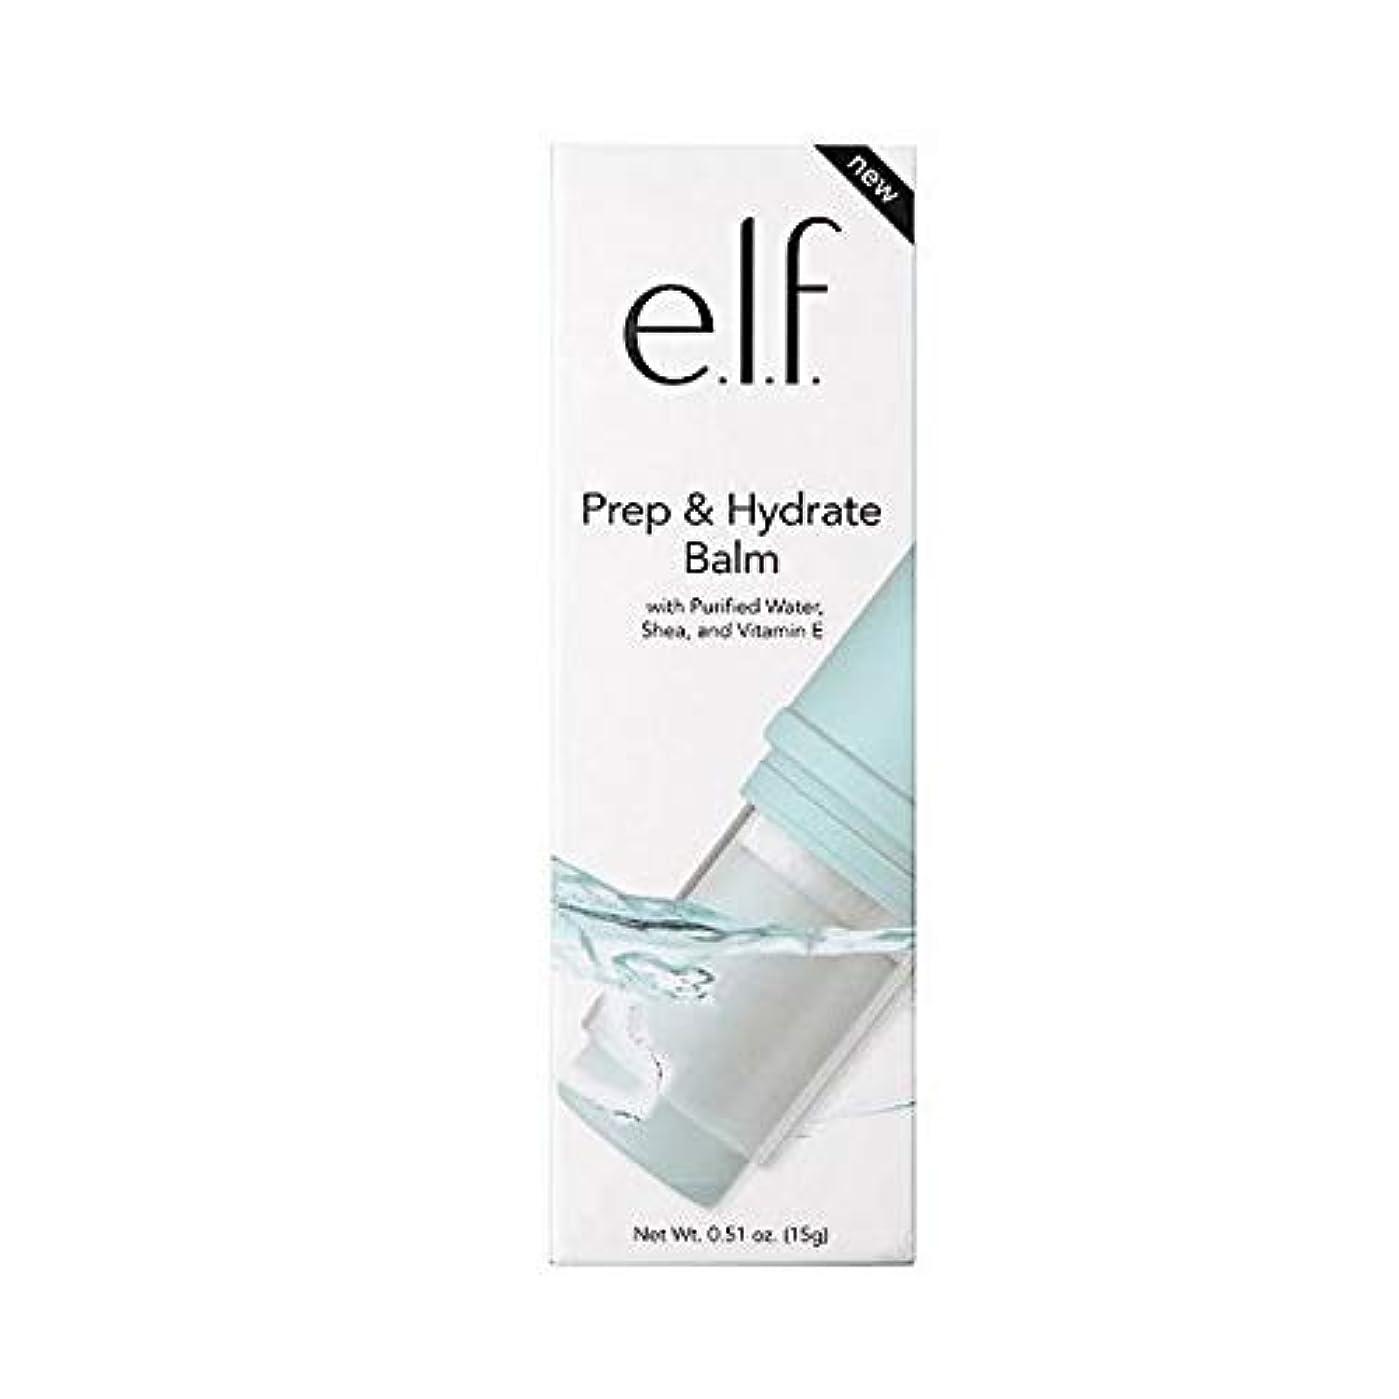 測定可能不信キャメル[Elf ] エルフ。予備校&ハイドレートクリーム - e.l.f. Prep & Hydrate Balm [並行輸入品]